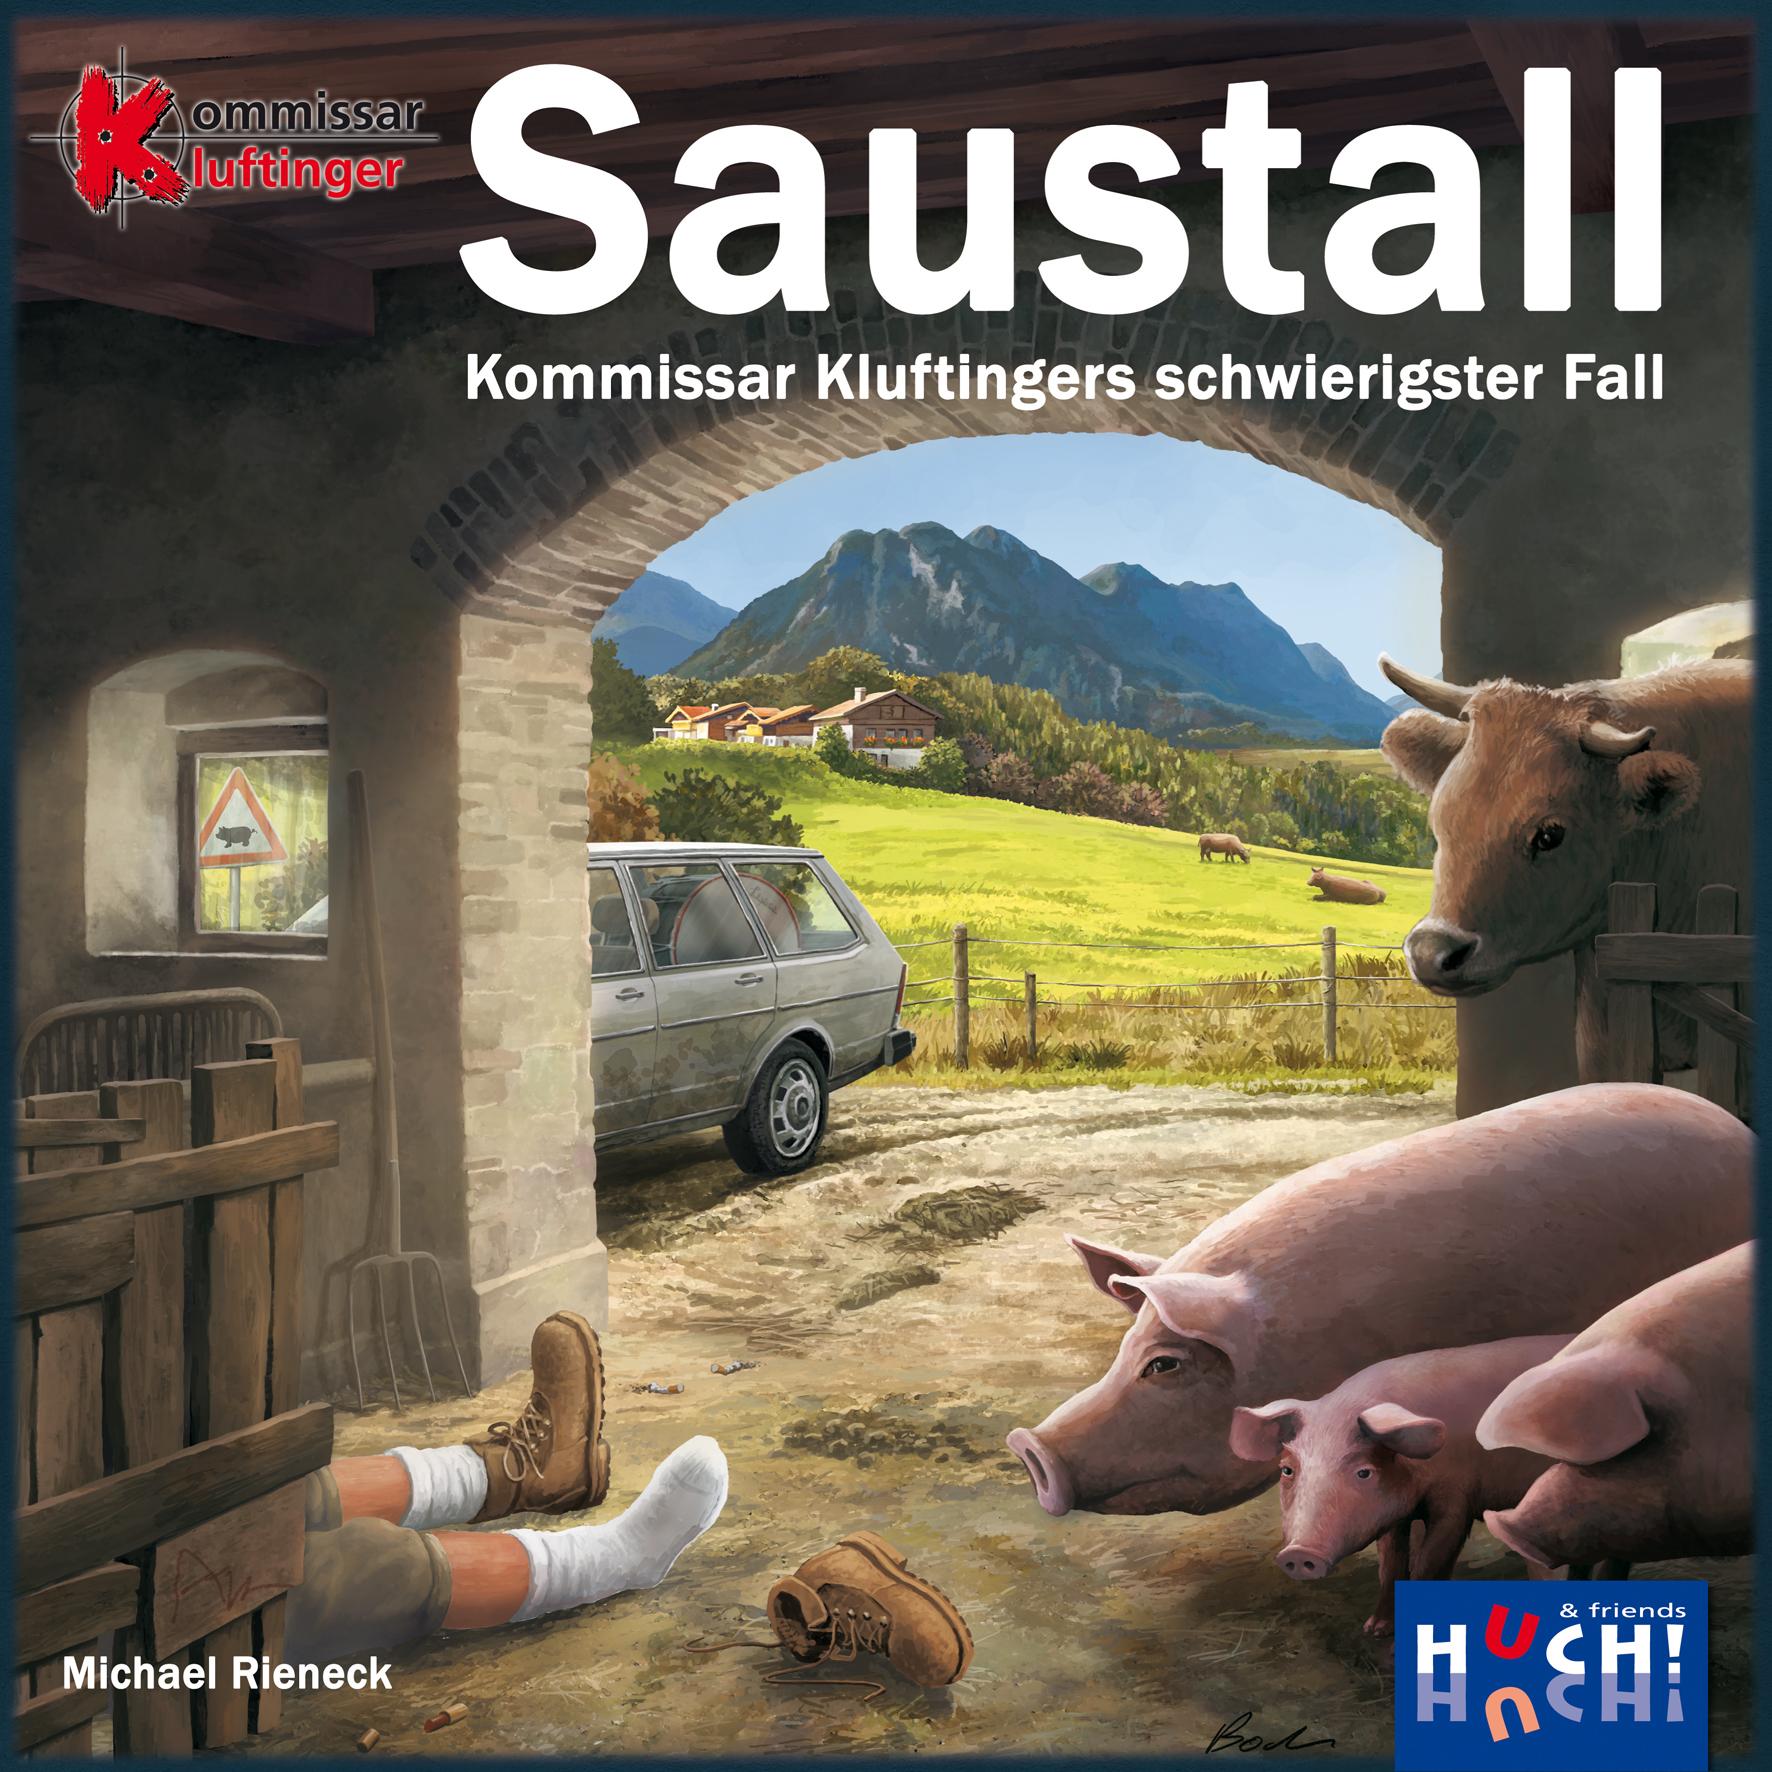 Saustall - Kommissar Kluftingers schwerster Fall